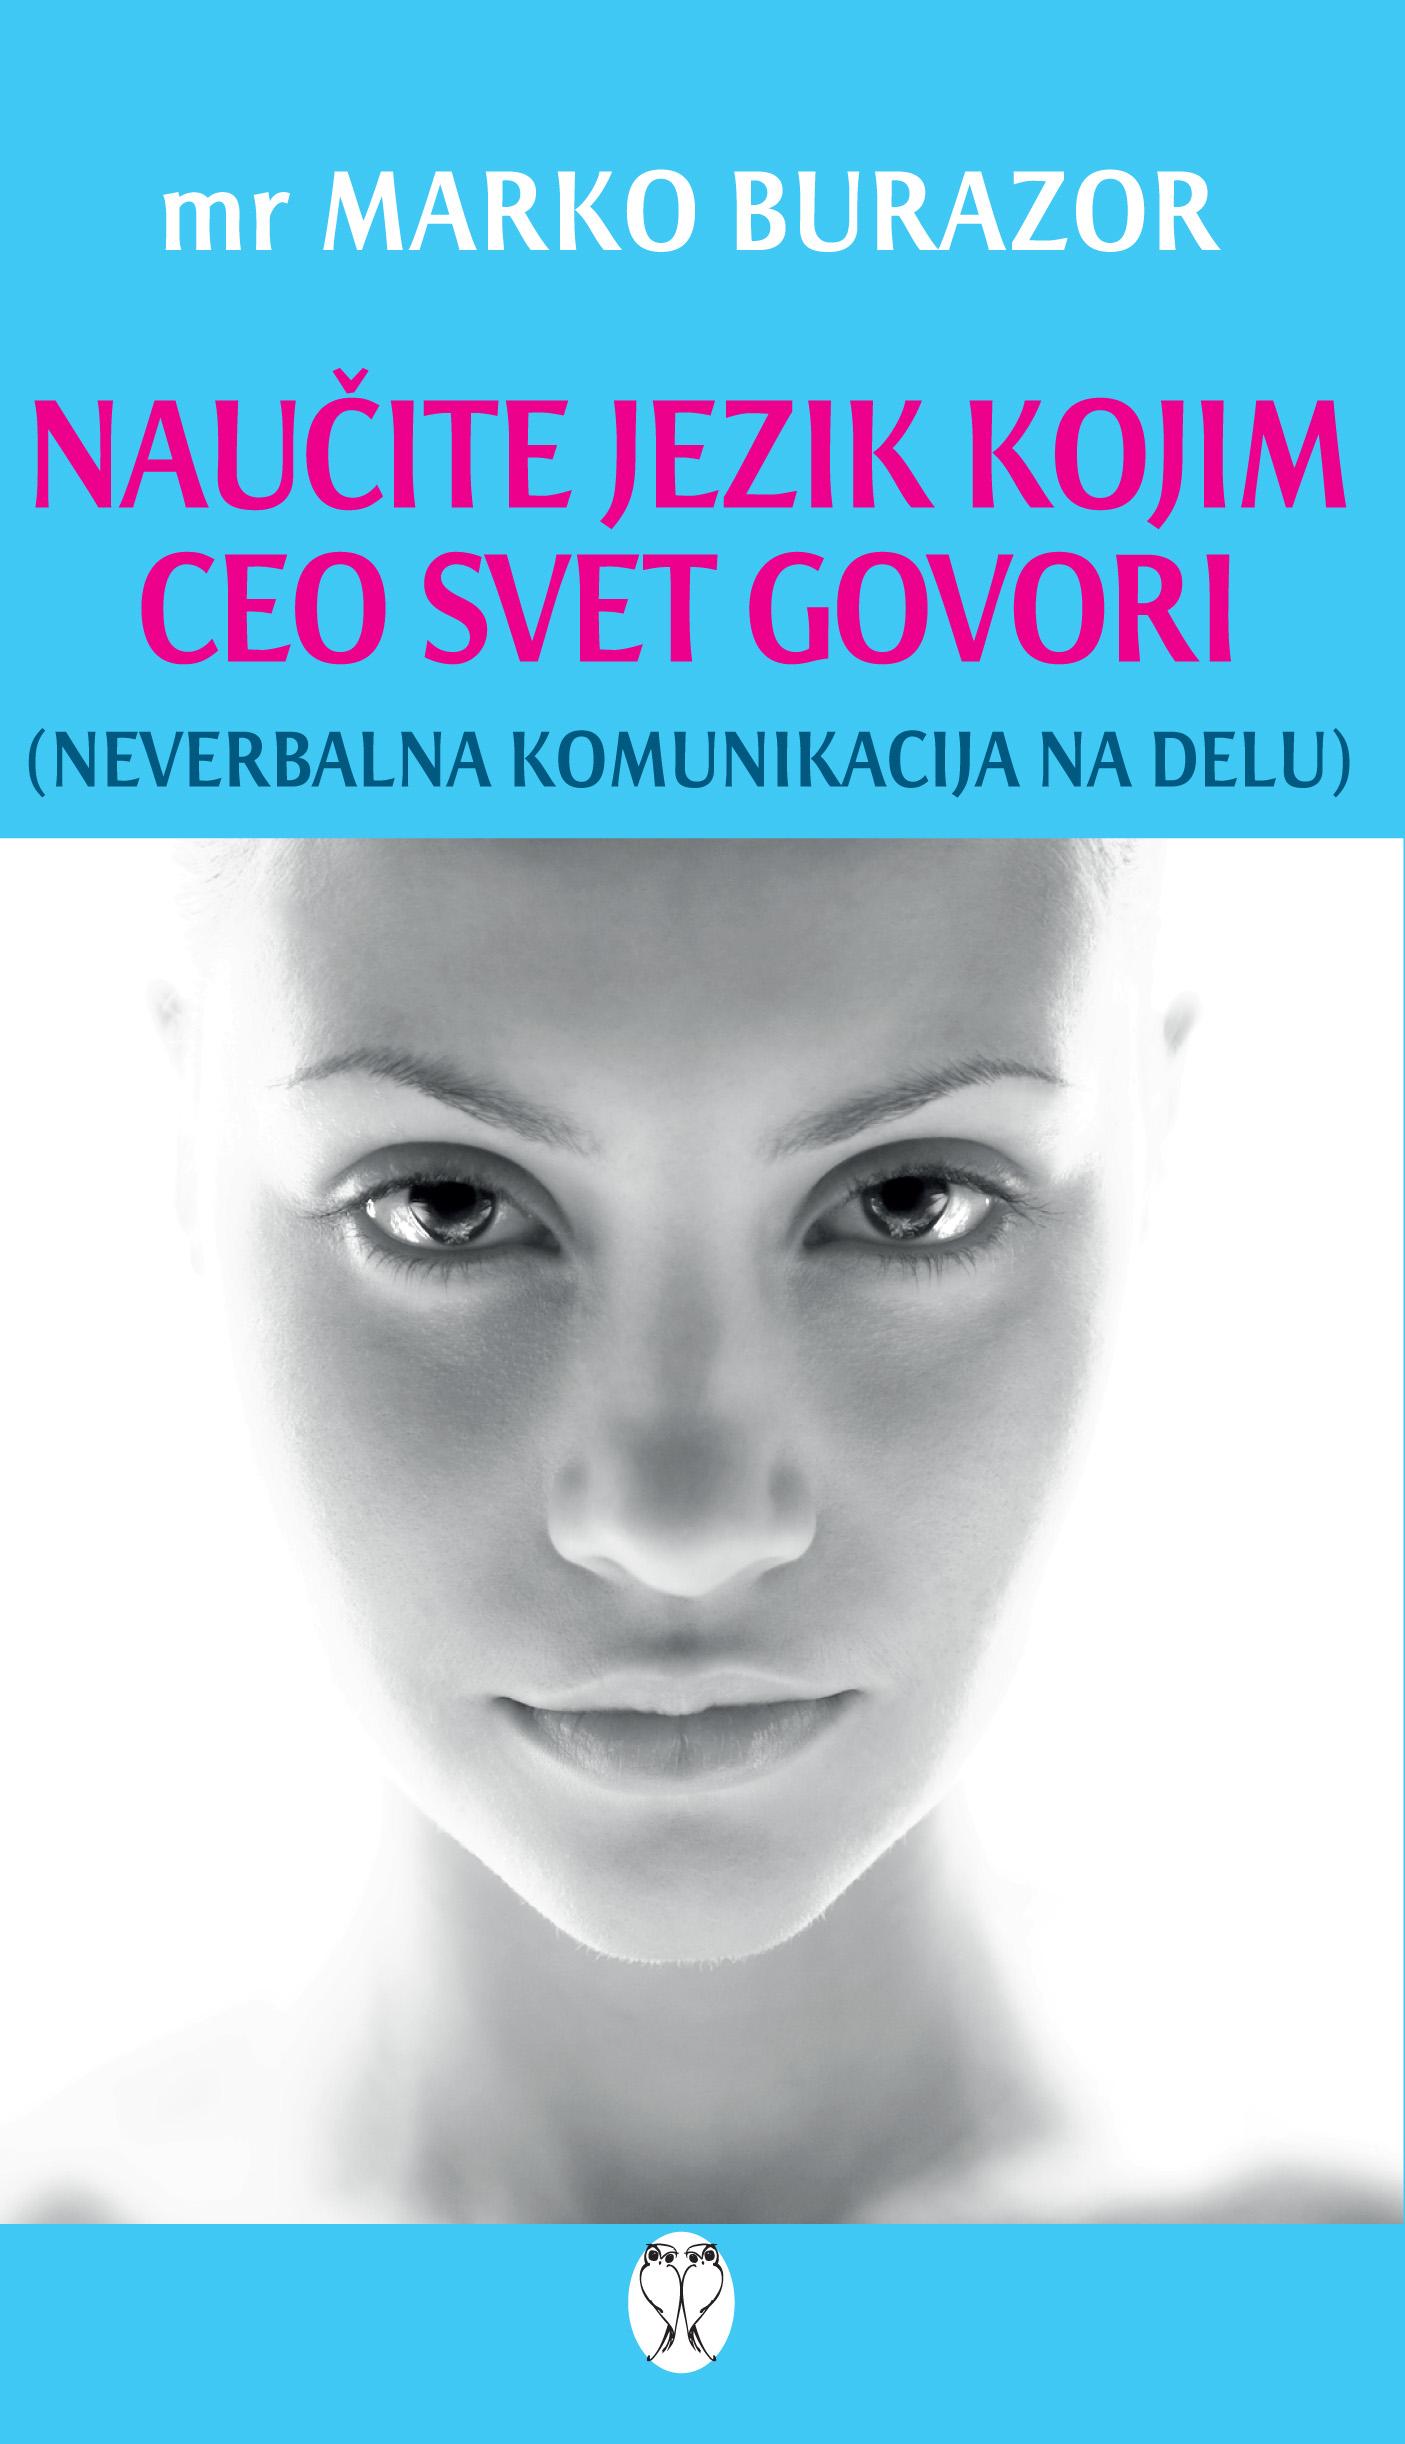 korica-NEVERBALNA-KOMUNKACIJA.jpg